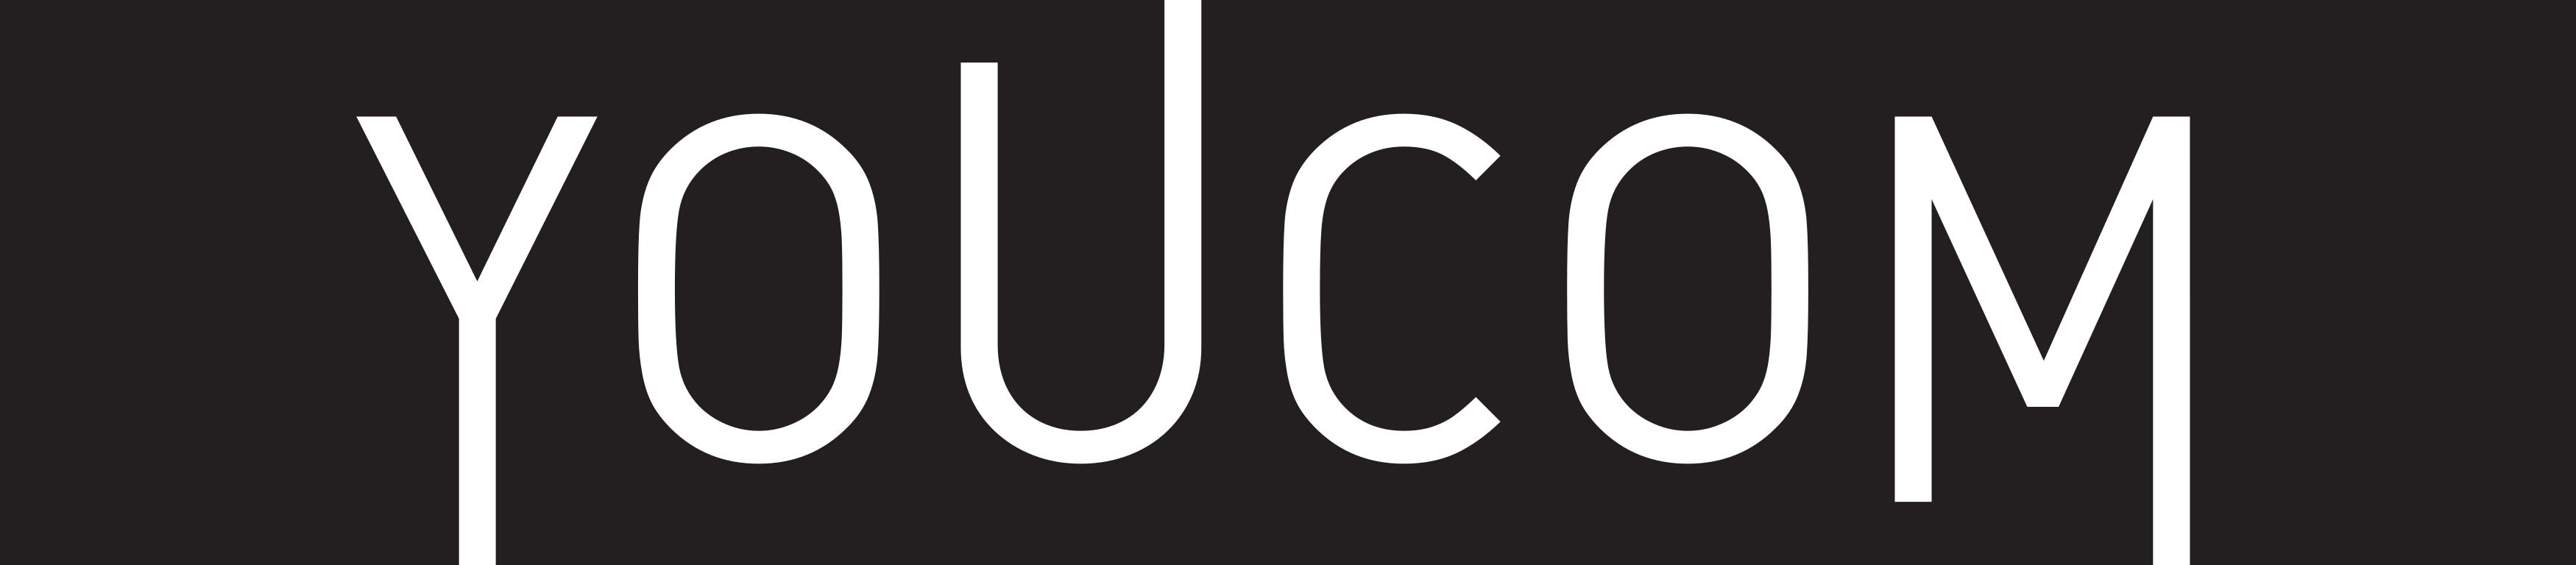 youcom logo - Youcom Logo